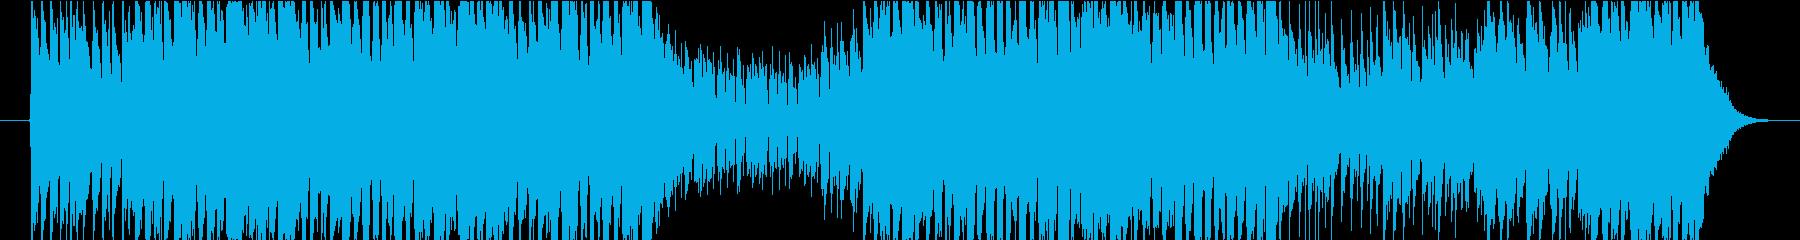 軽快なブラスによるファンキーTUNEの再生済みの波形